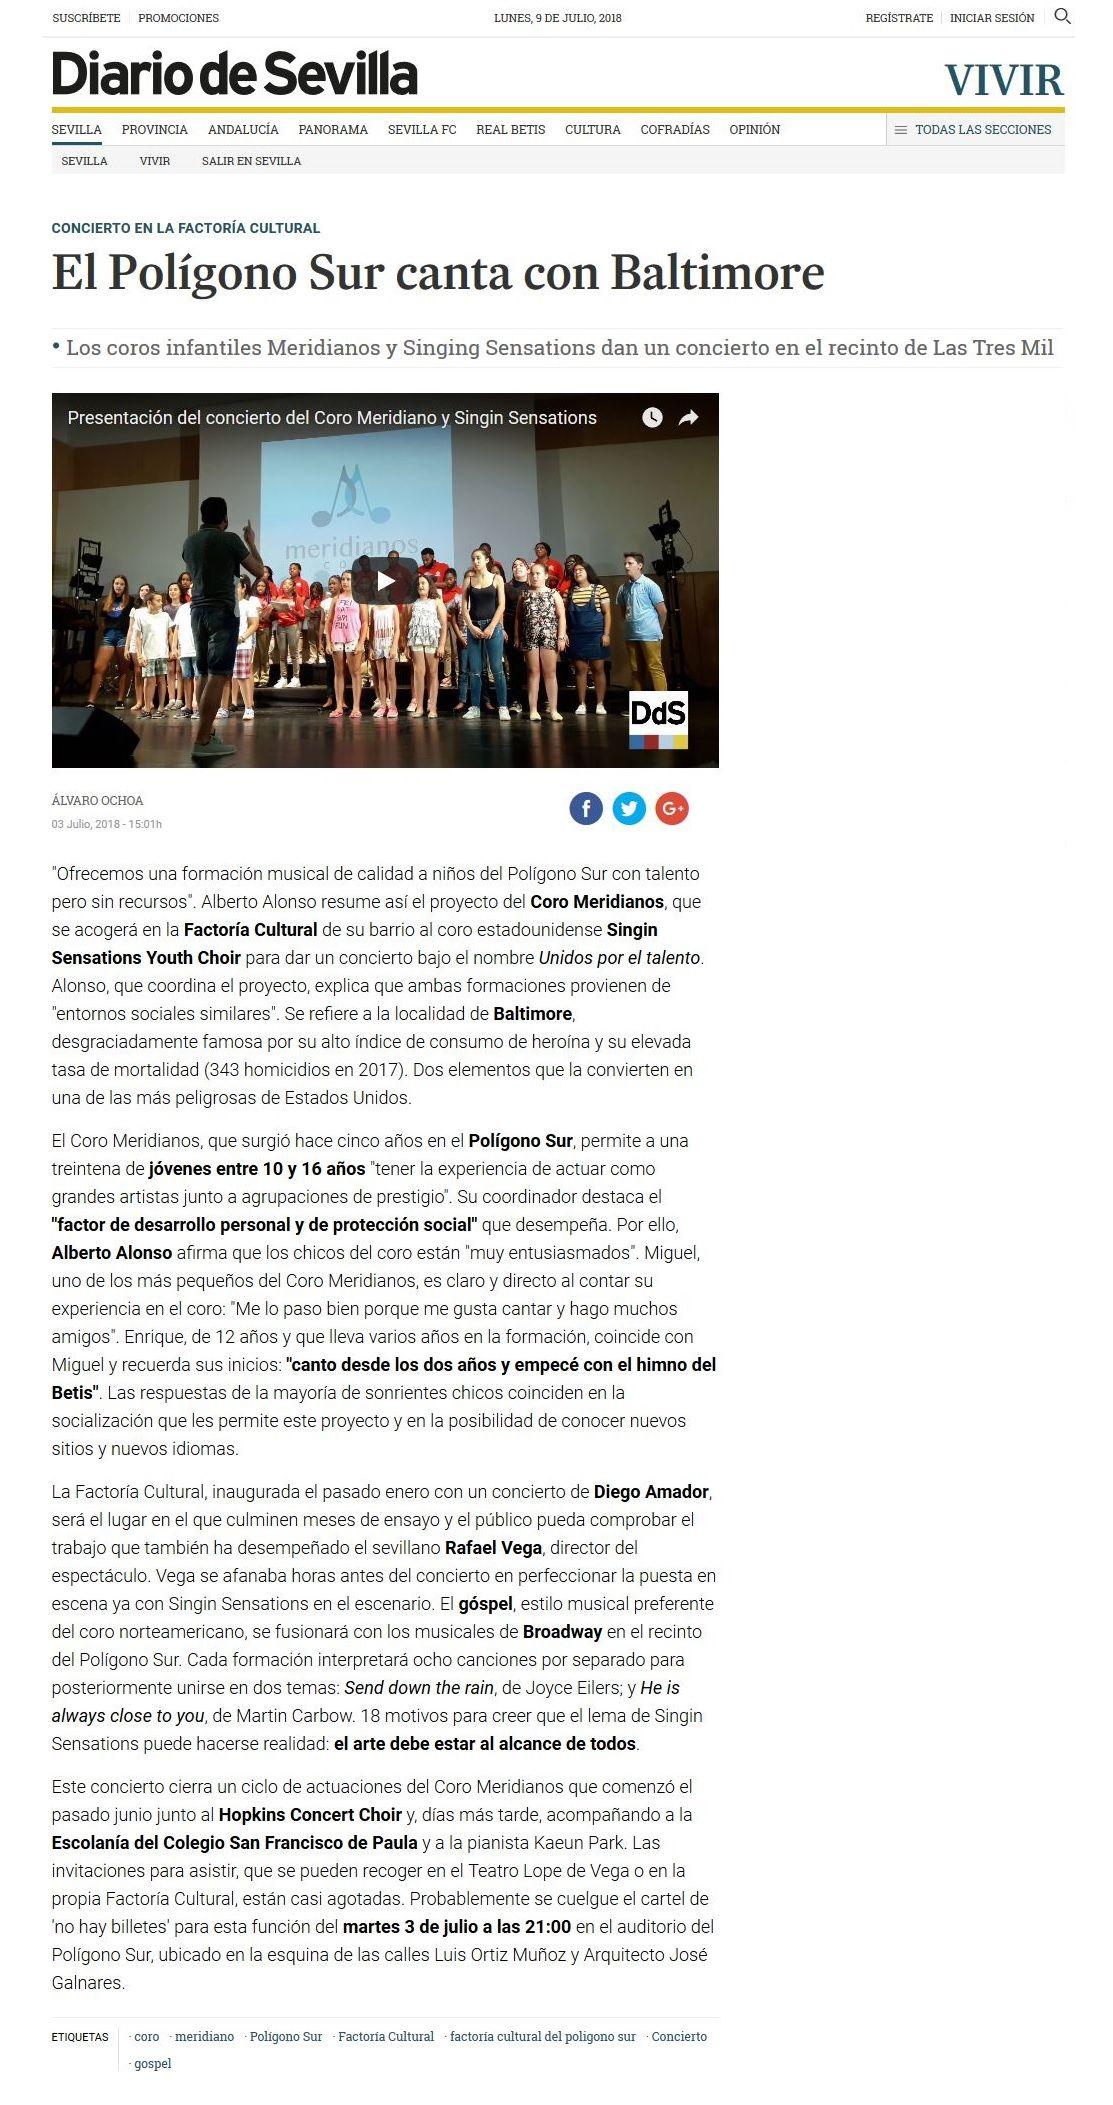 Ciclo Coral Meridianos Unidos por el Talento